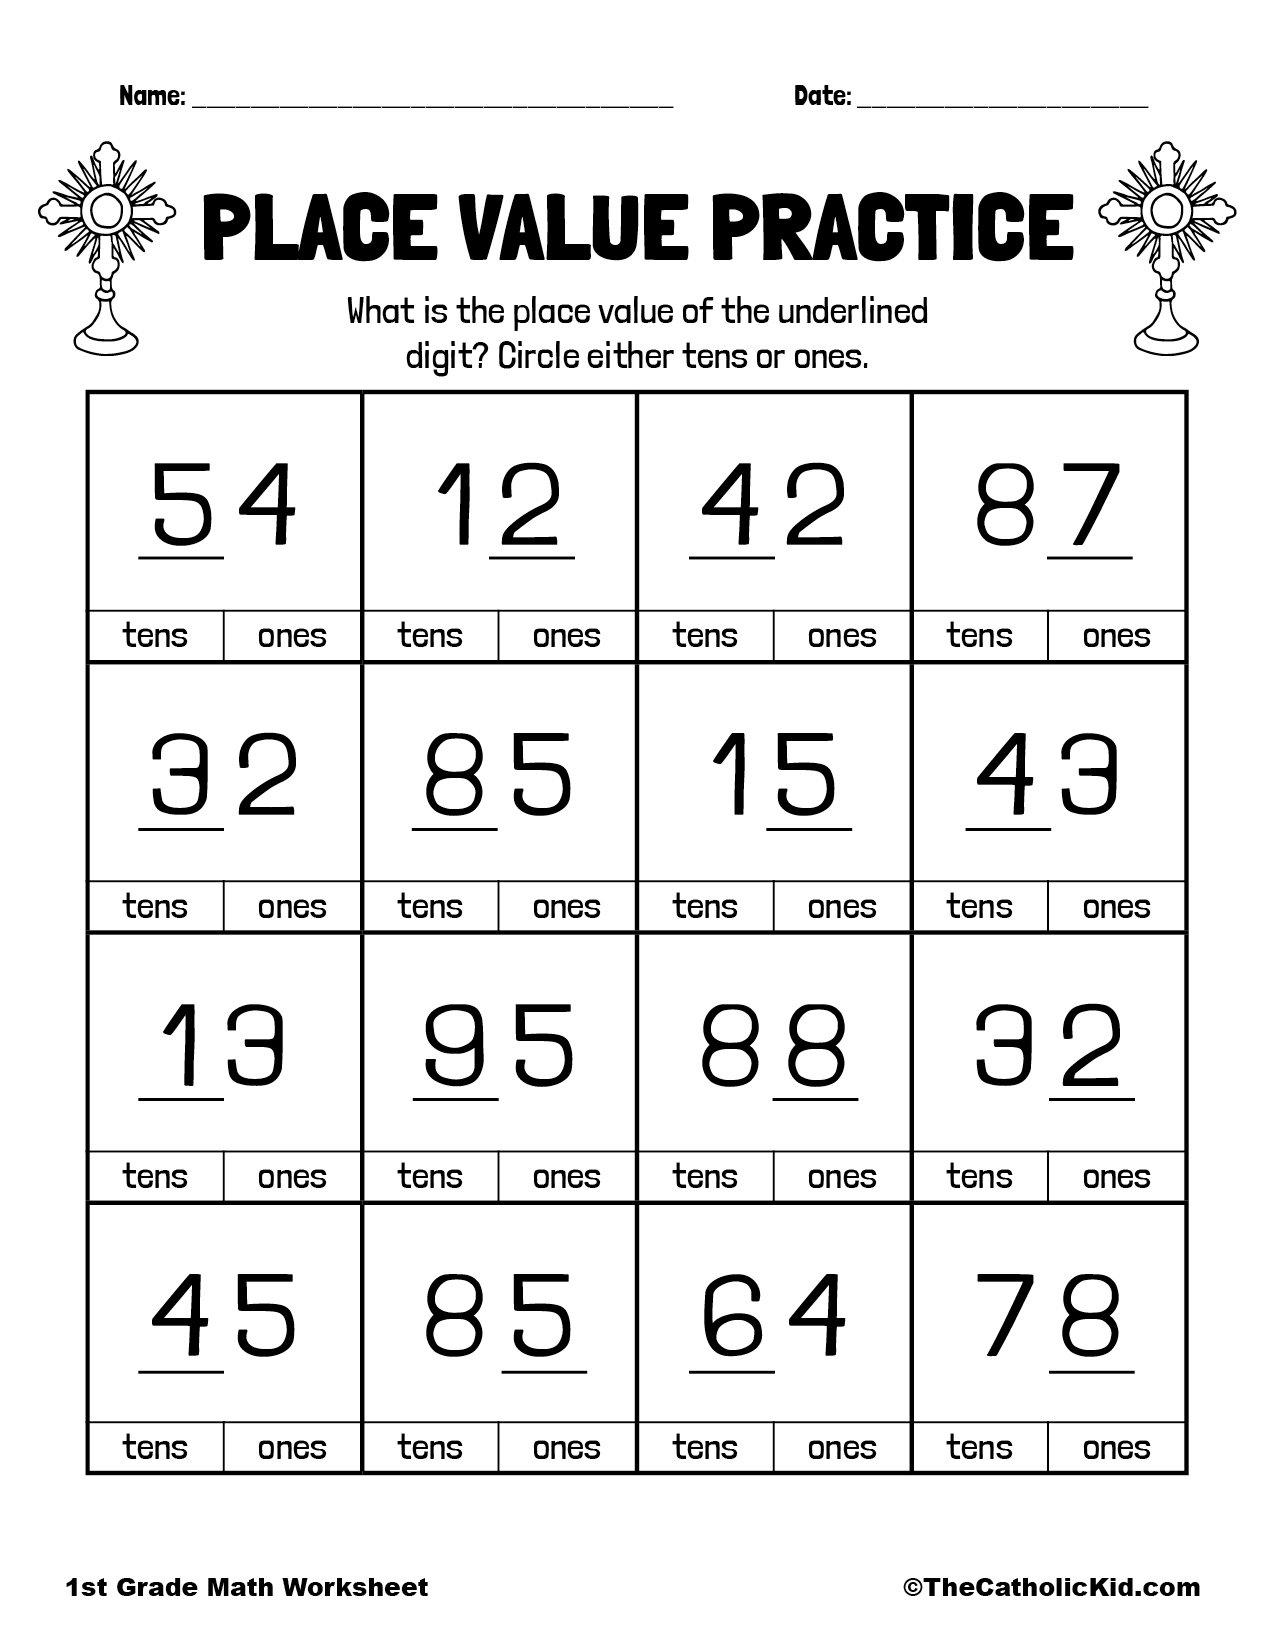 Number Place Values - 1st Grade Math Worksheet Catholic